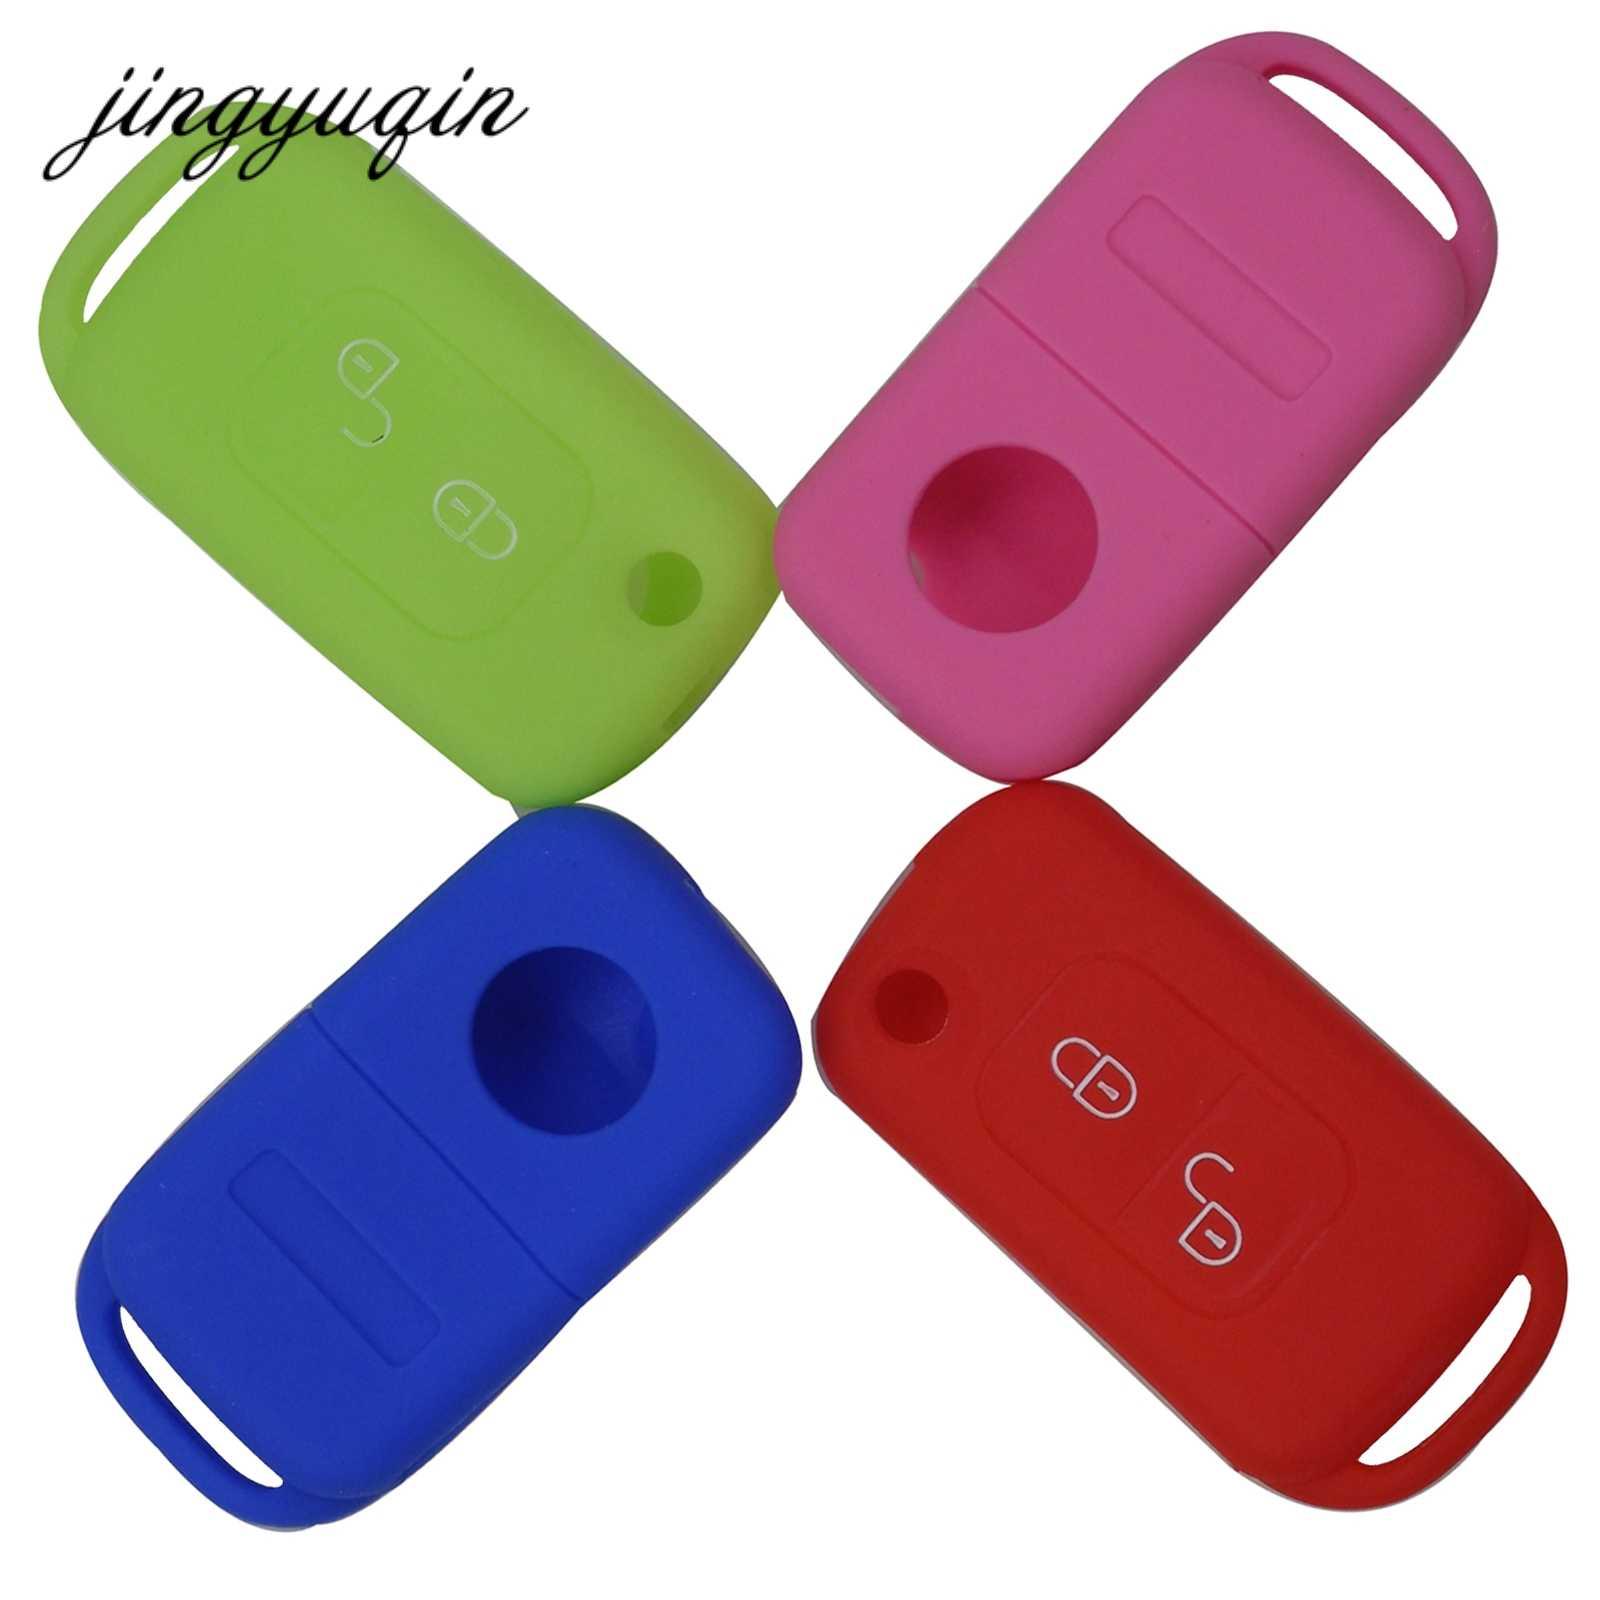 Jingyuqin silikon kapak Mercedes Benz SLK için E113 A C r E r E r E r E r E r E r E r E r E r E W168 W202 W203 çevirme katlanır araba uzaktan anahtar fob durumda 2 düğme